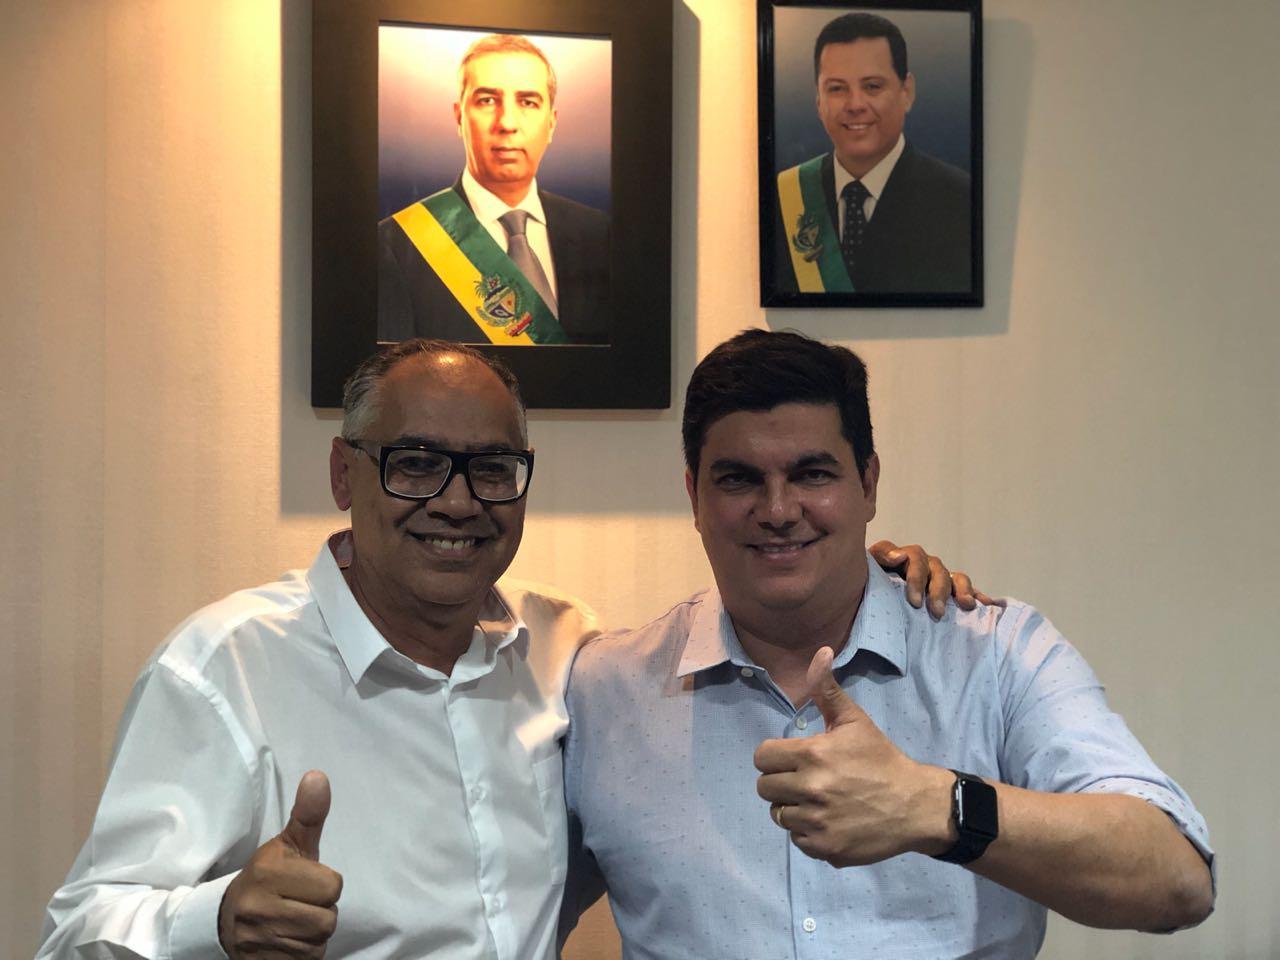 Pra romper polarização, Jaraguá banca candidatura de Zecão Jarapax